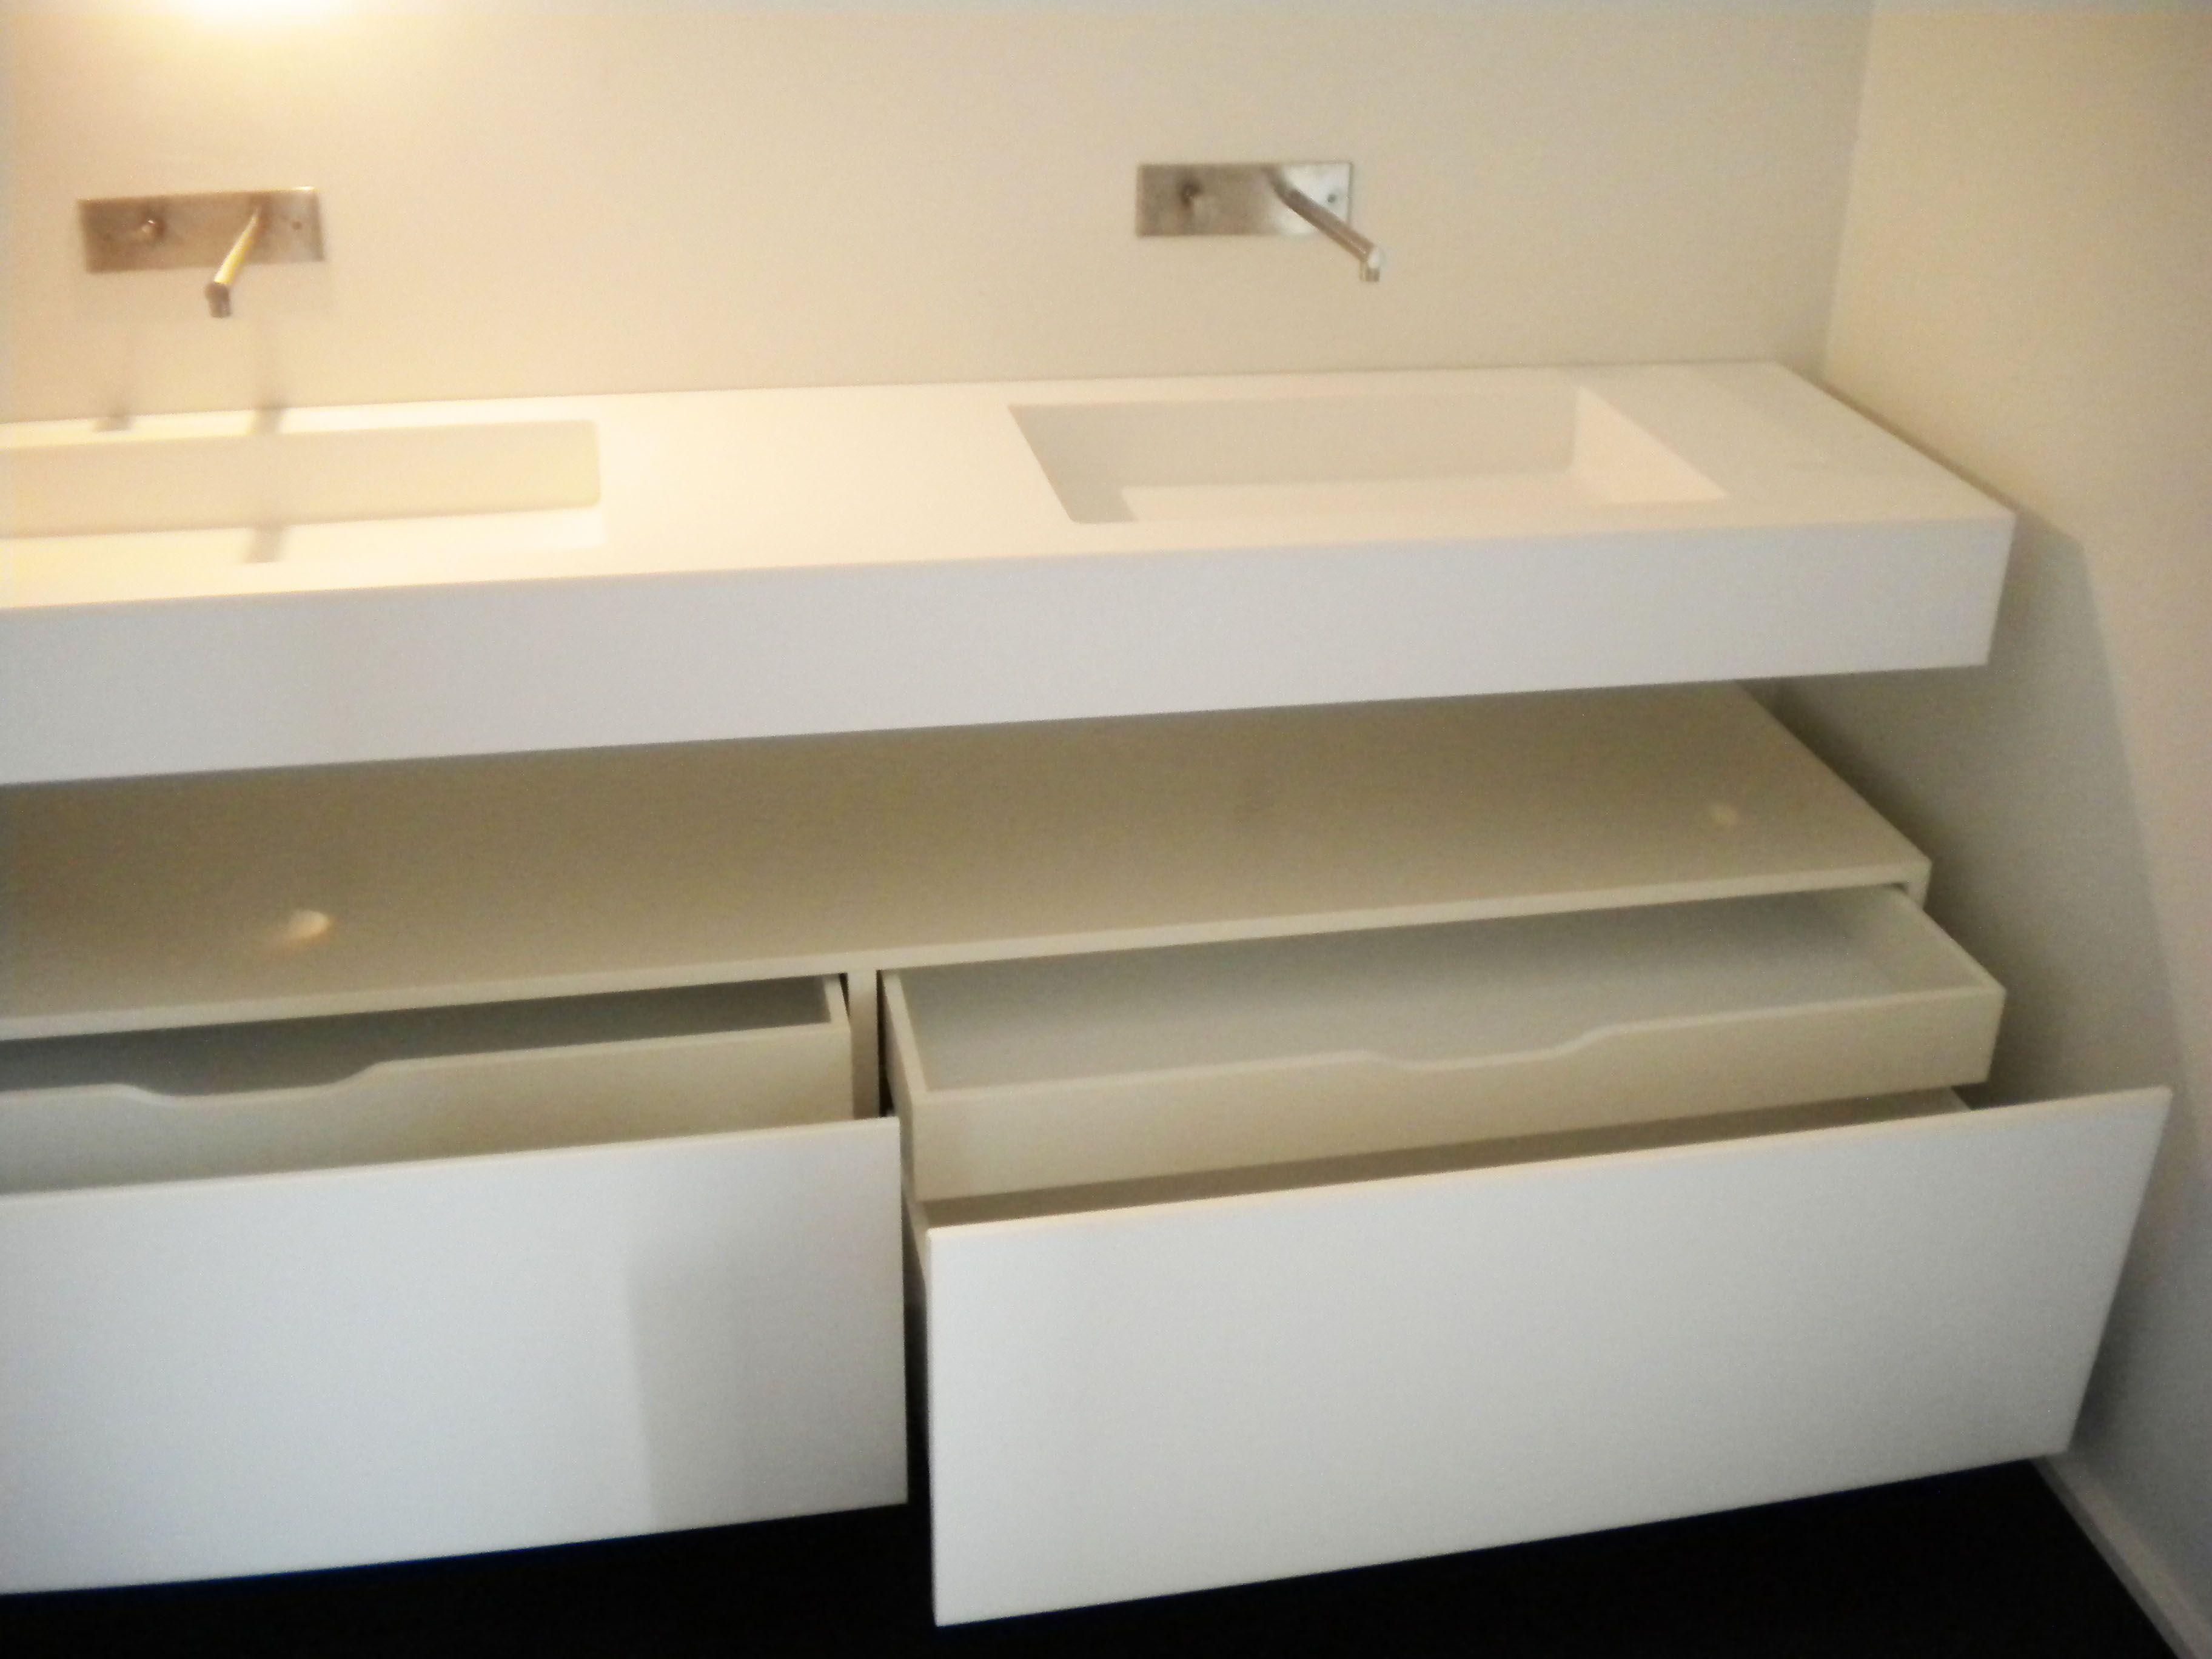 Mobile Sotto Mensola Bagno mobile sottolavabo bagno ikea mobile sottolavabo bagno